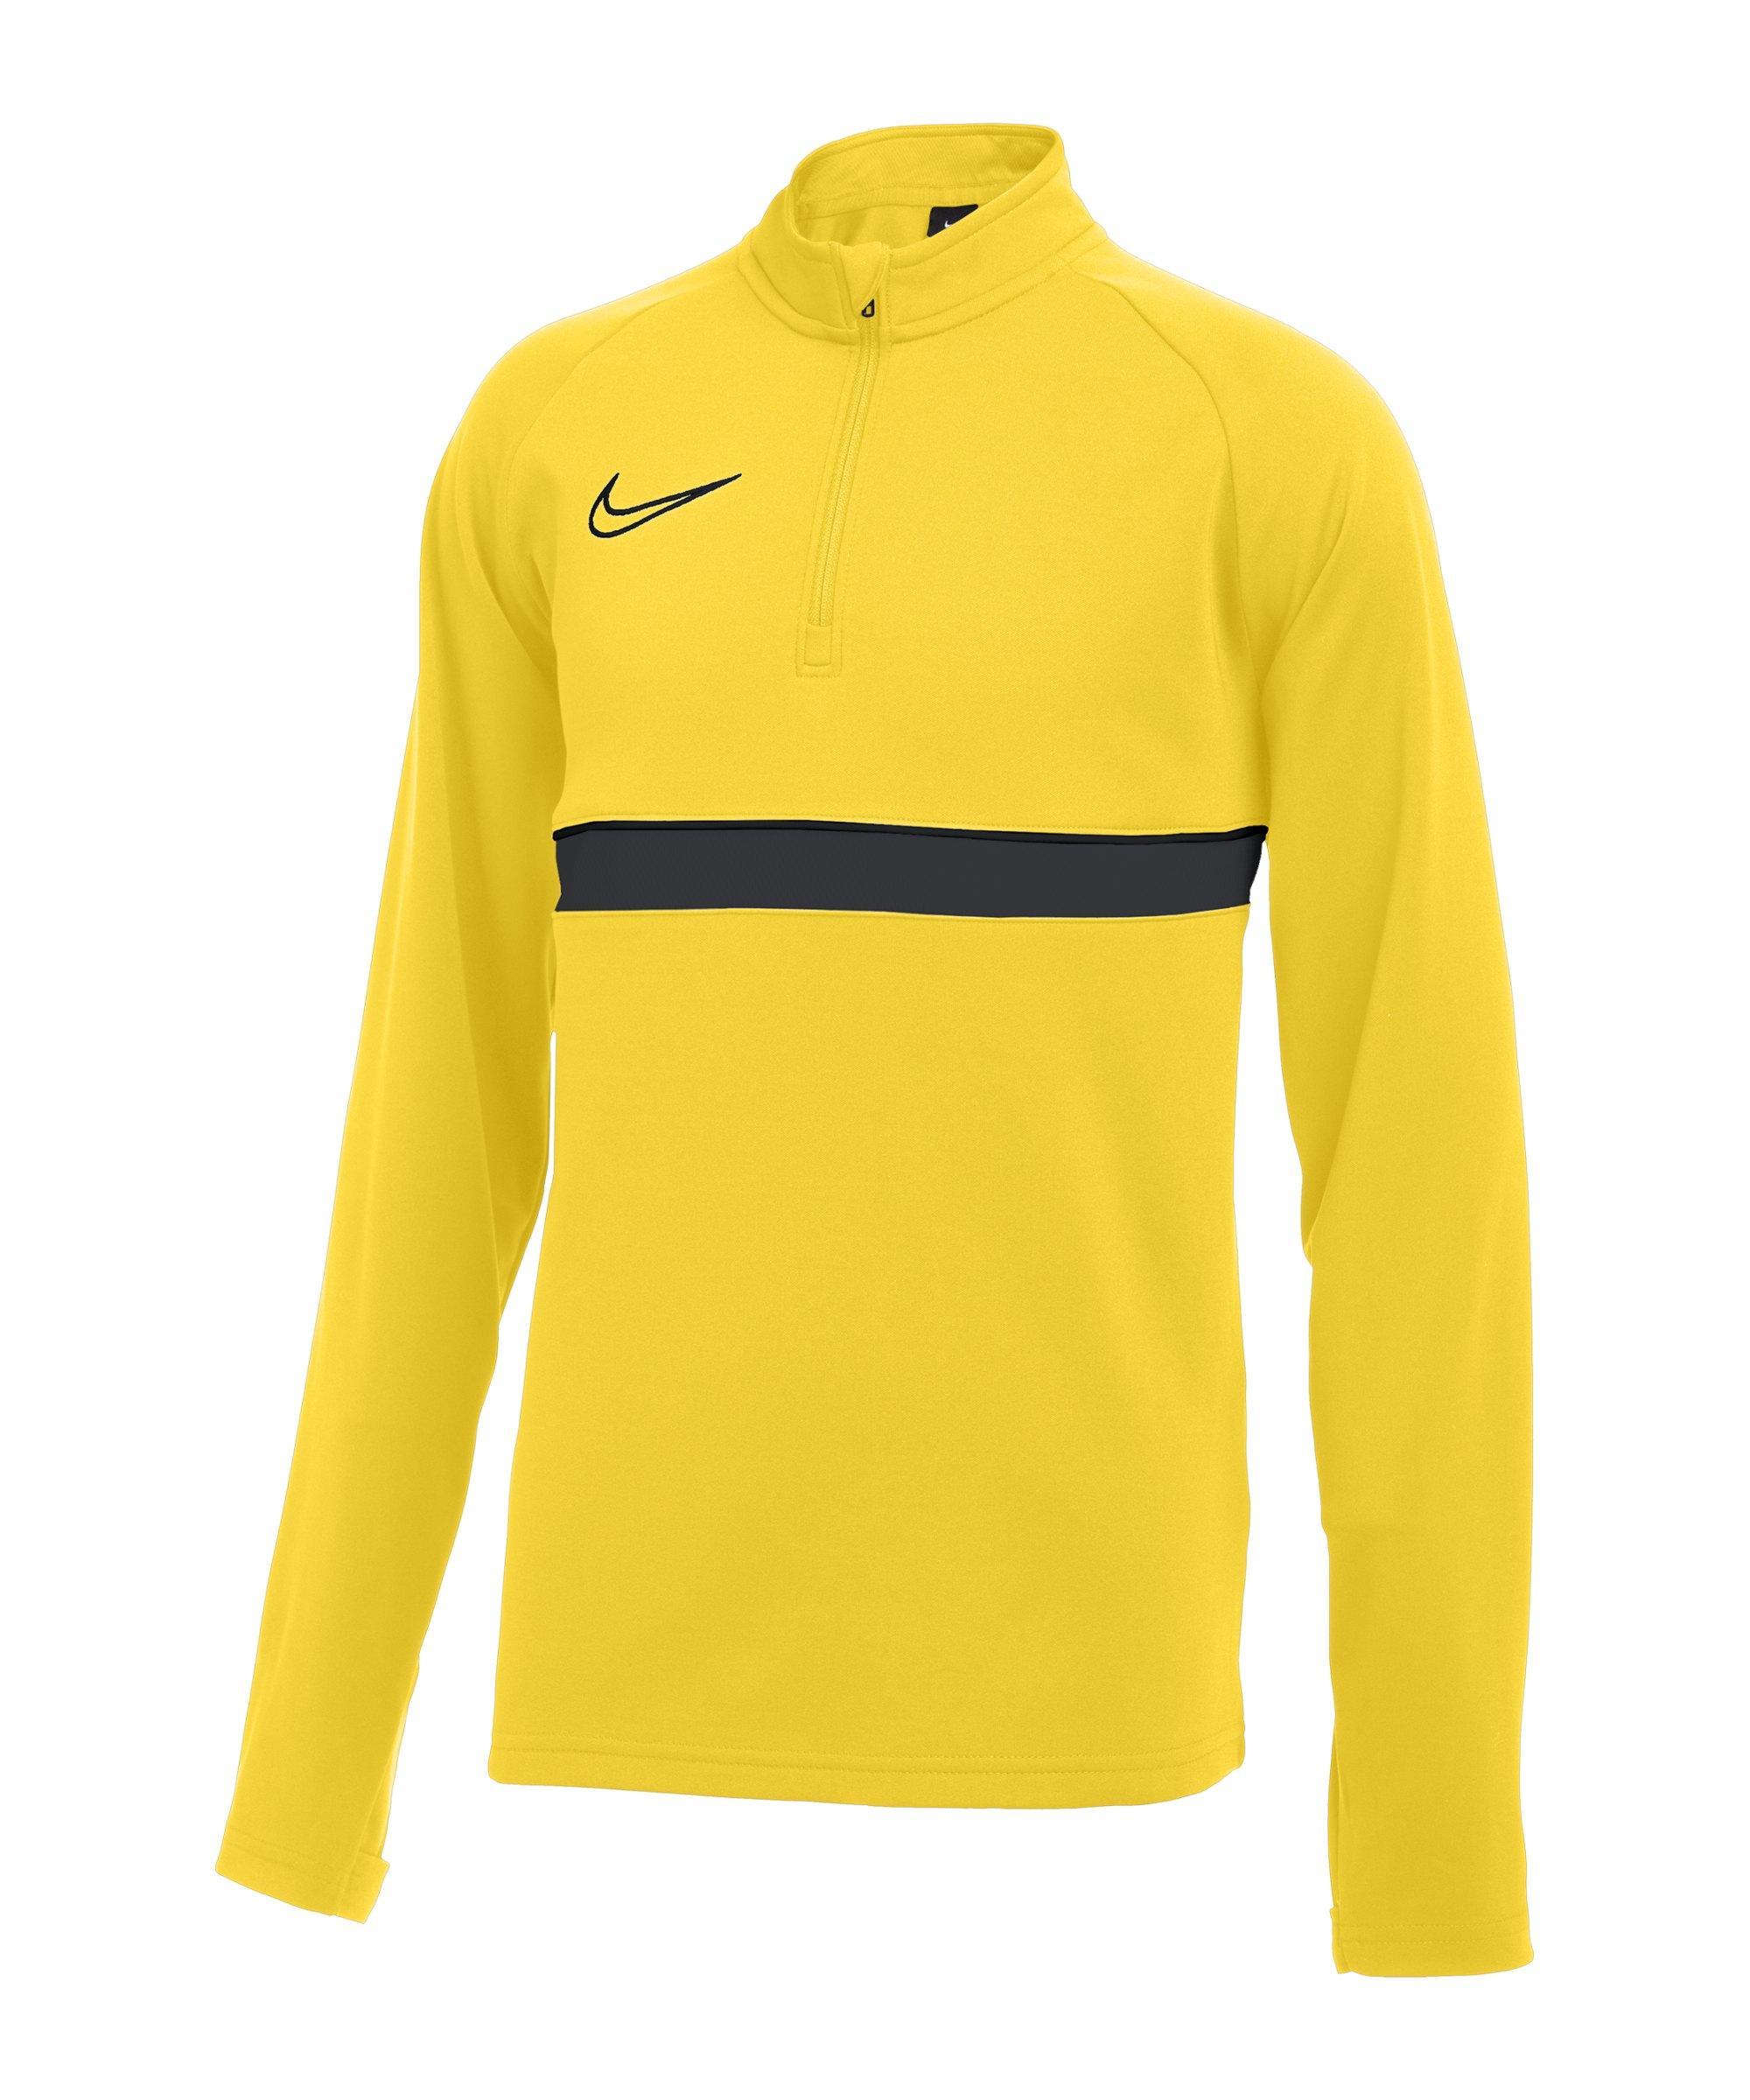 Nike Academy 21 Drill Top Kids Gelb Schwarz F719 - gelb